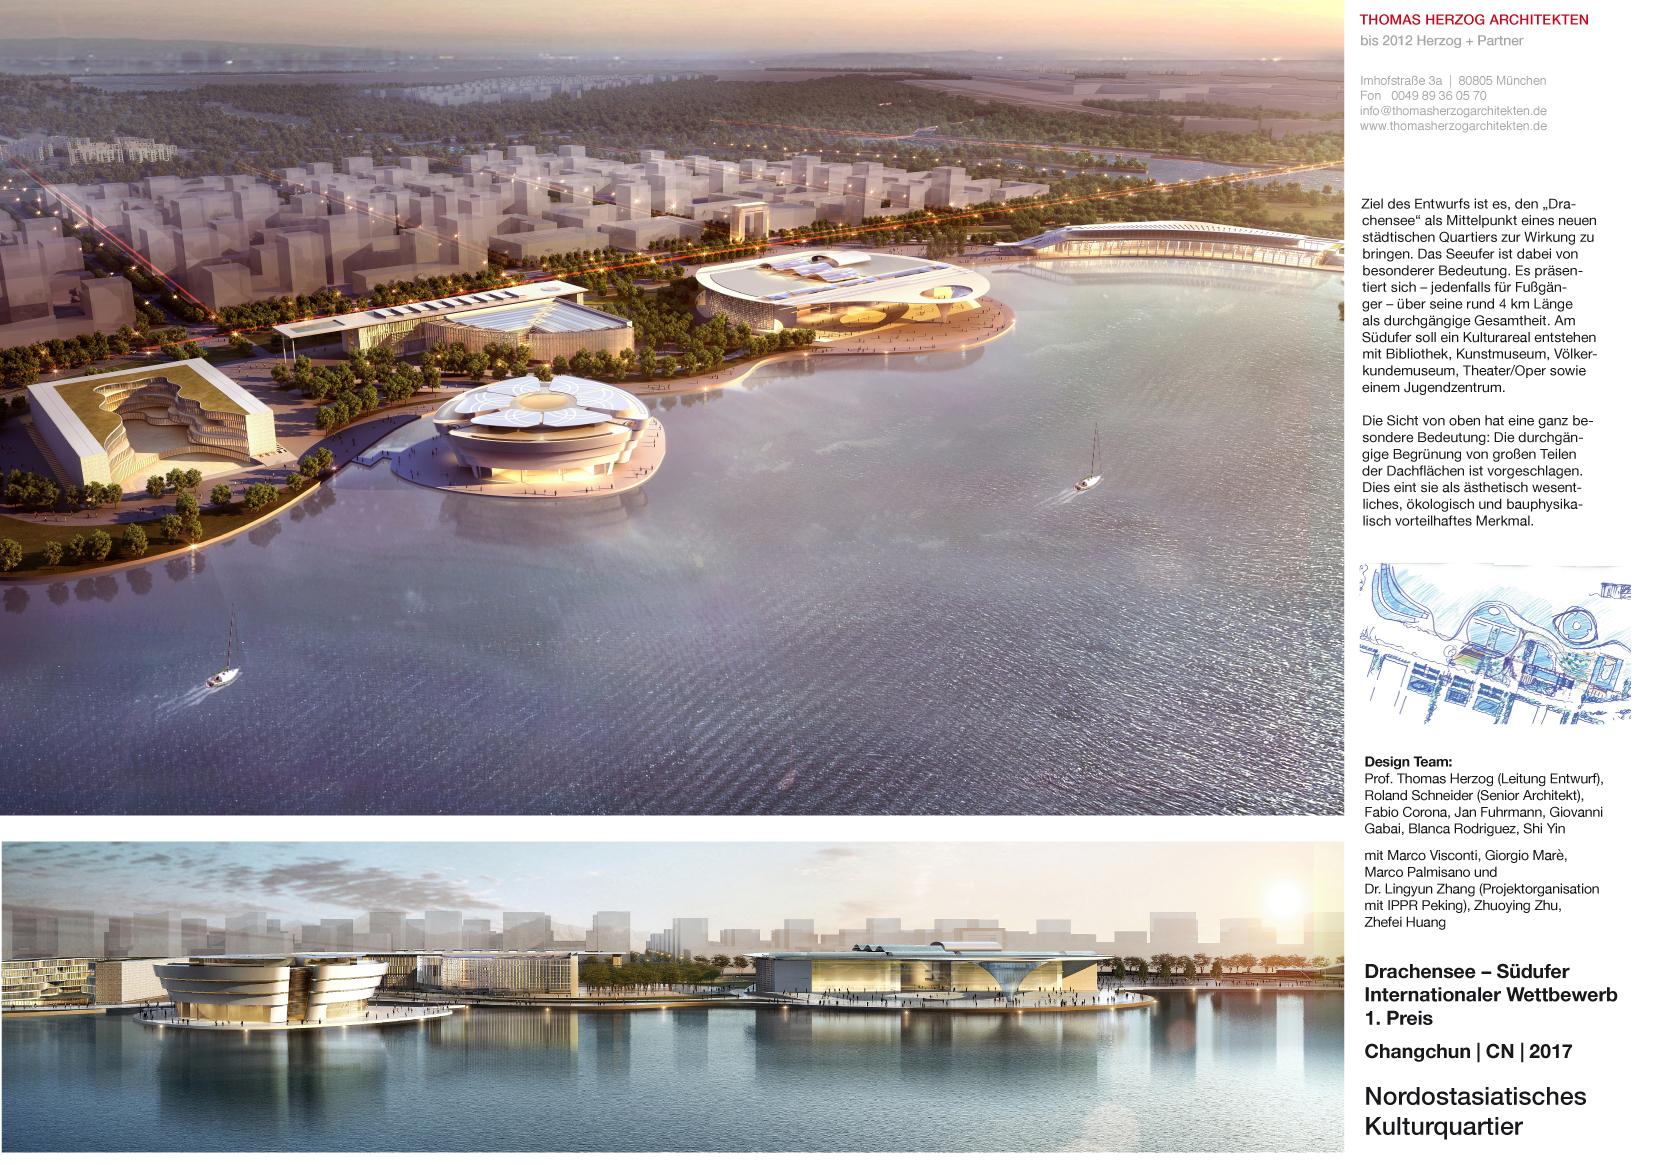 Nordostasiatisches Kulturquartier Drachensee Südufer Changchun CN 2017 Internationaler Wettbewerb 1.Preis